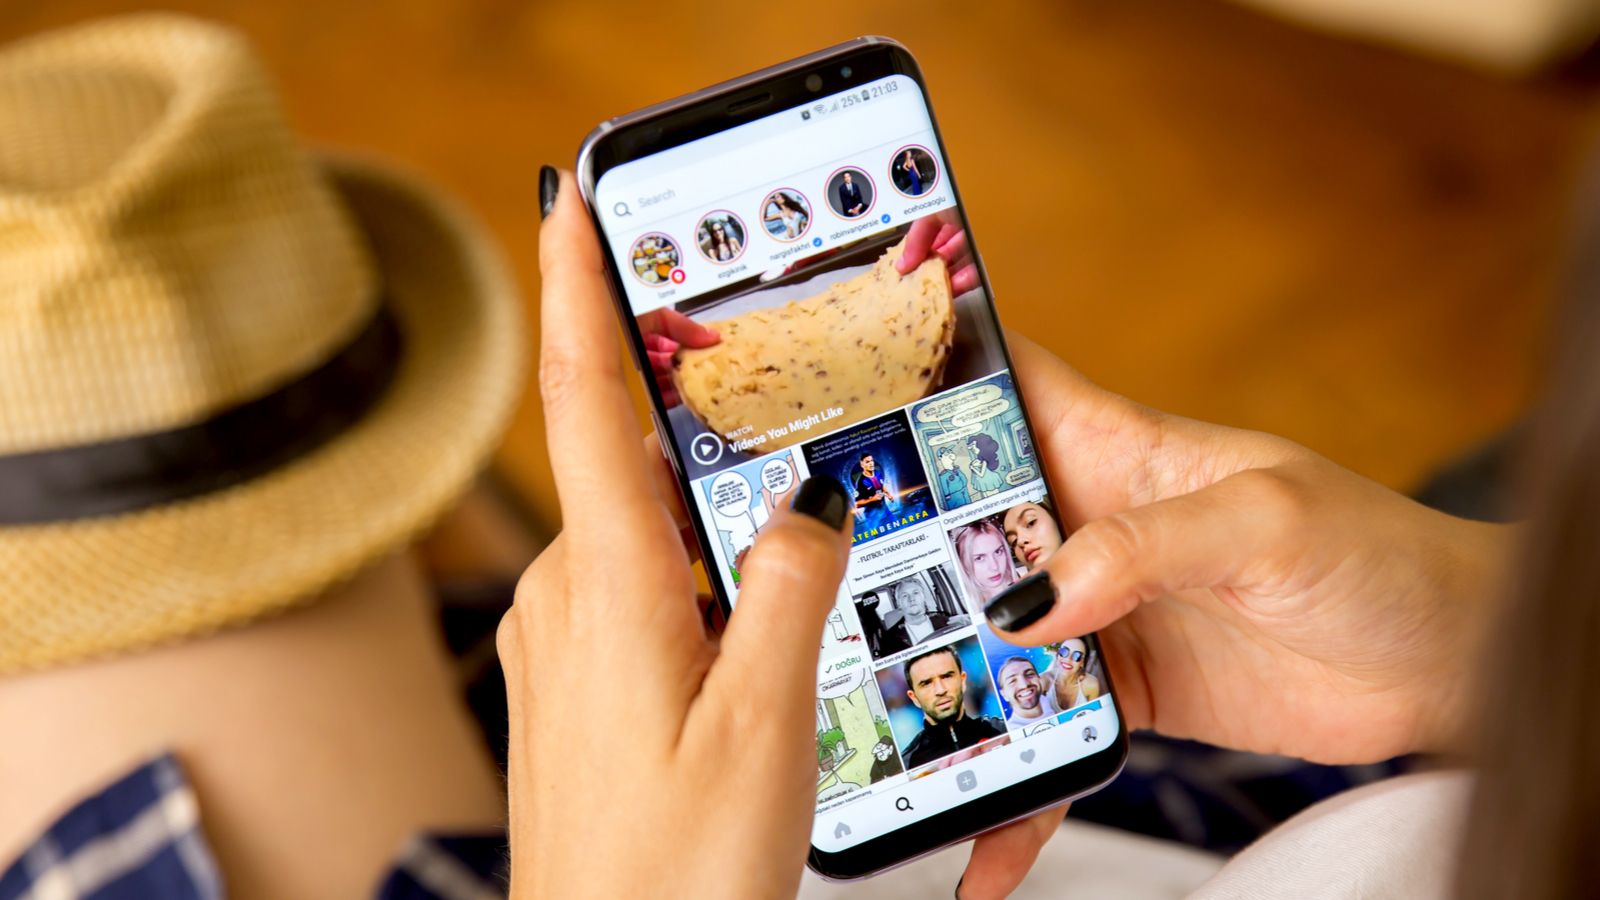 Instagram : une faille permettait de prendre le contrôle du smartphone à distance